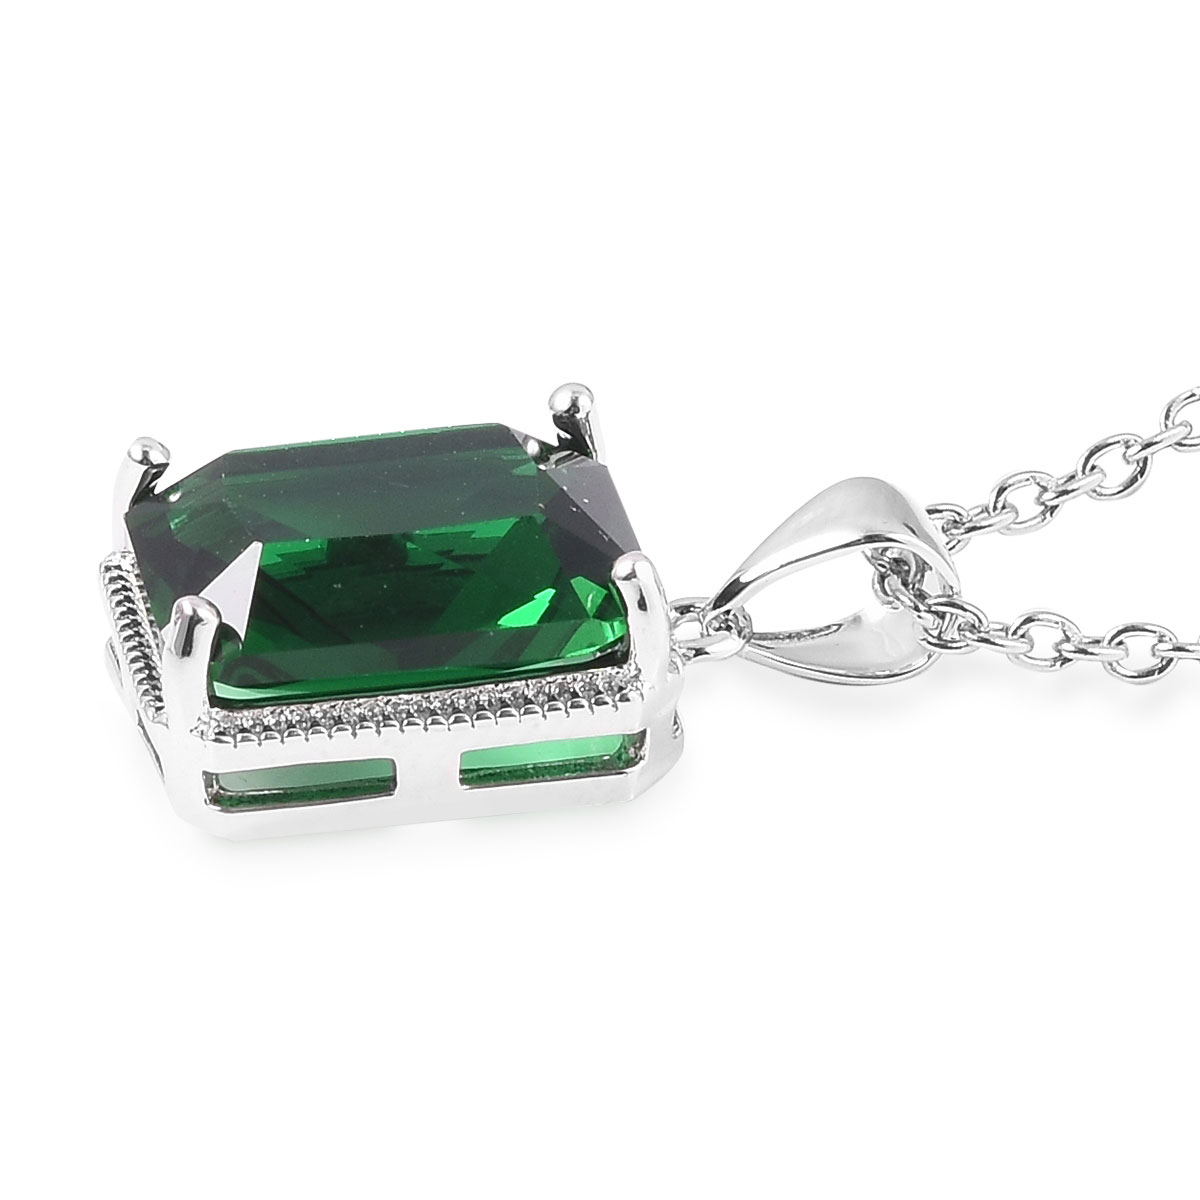 12-Color-Options-Cubic-Zirconia-Bracelet-Chain-Pendant-Necklace-Set-Adjustable thumbnail 33